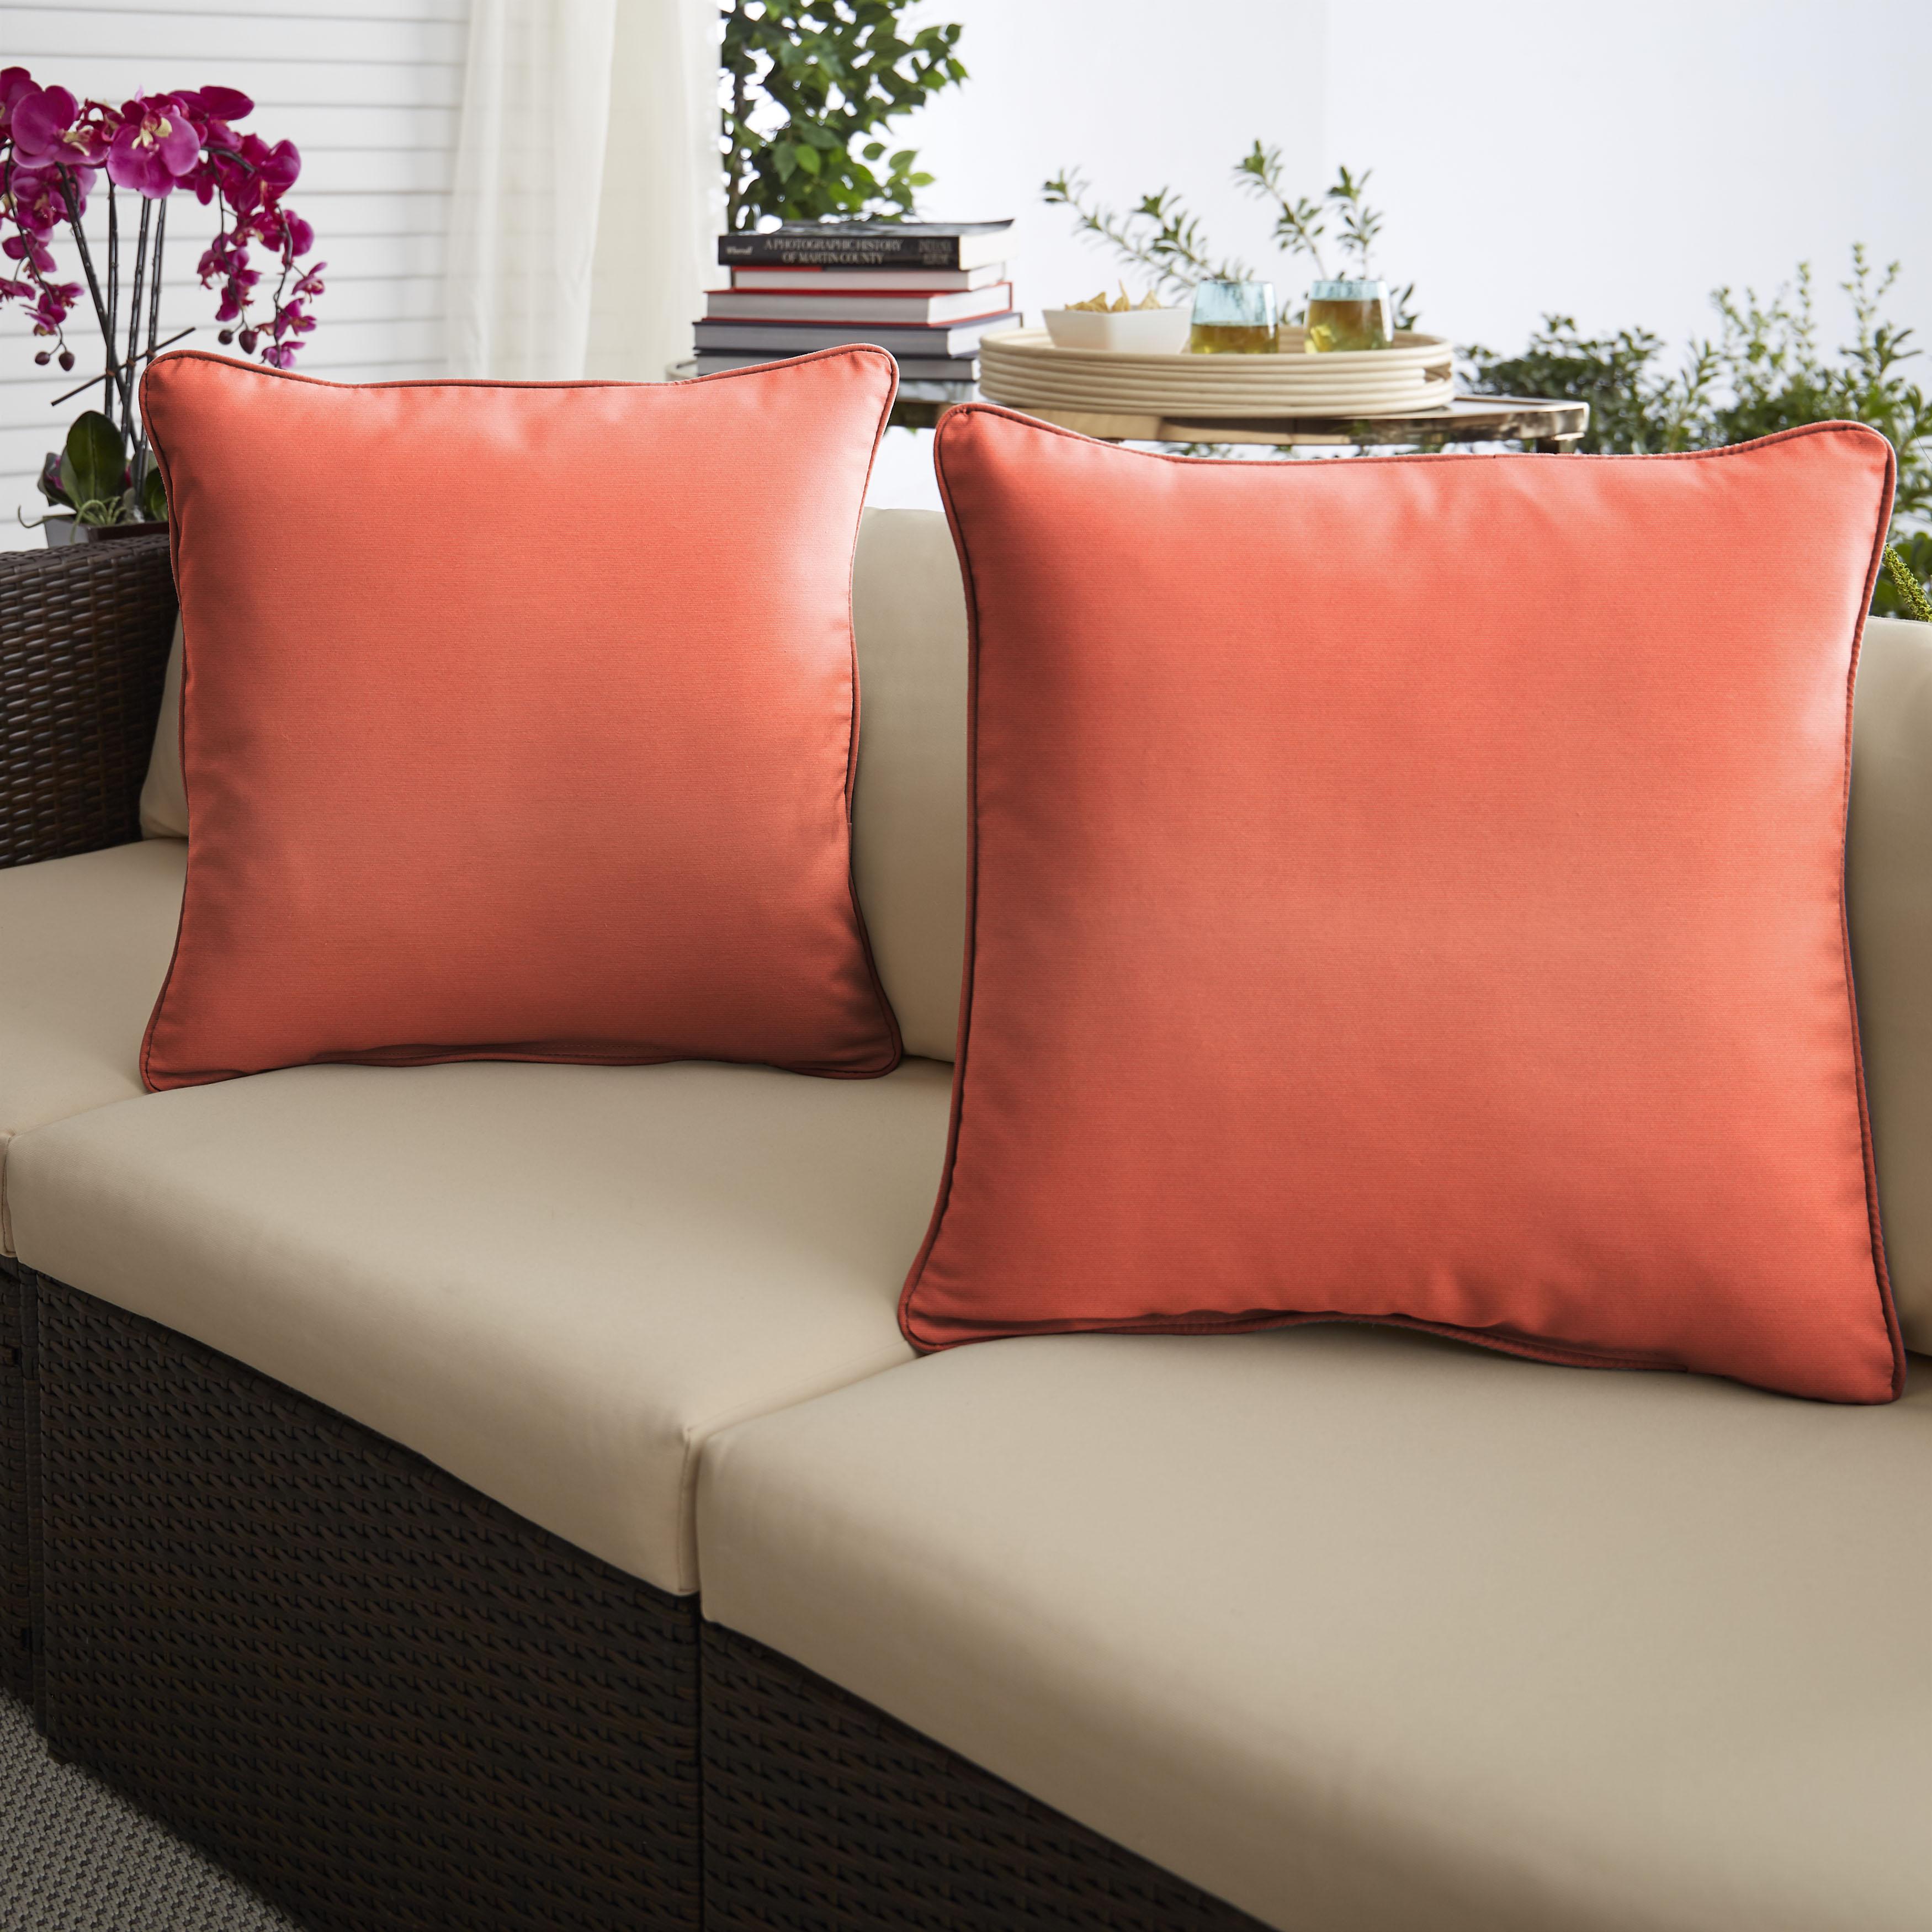 Sunbrella Canvas Melon Set of 2 Outdoor Pillows